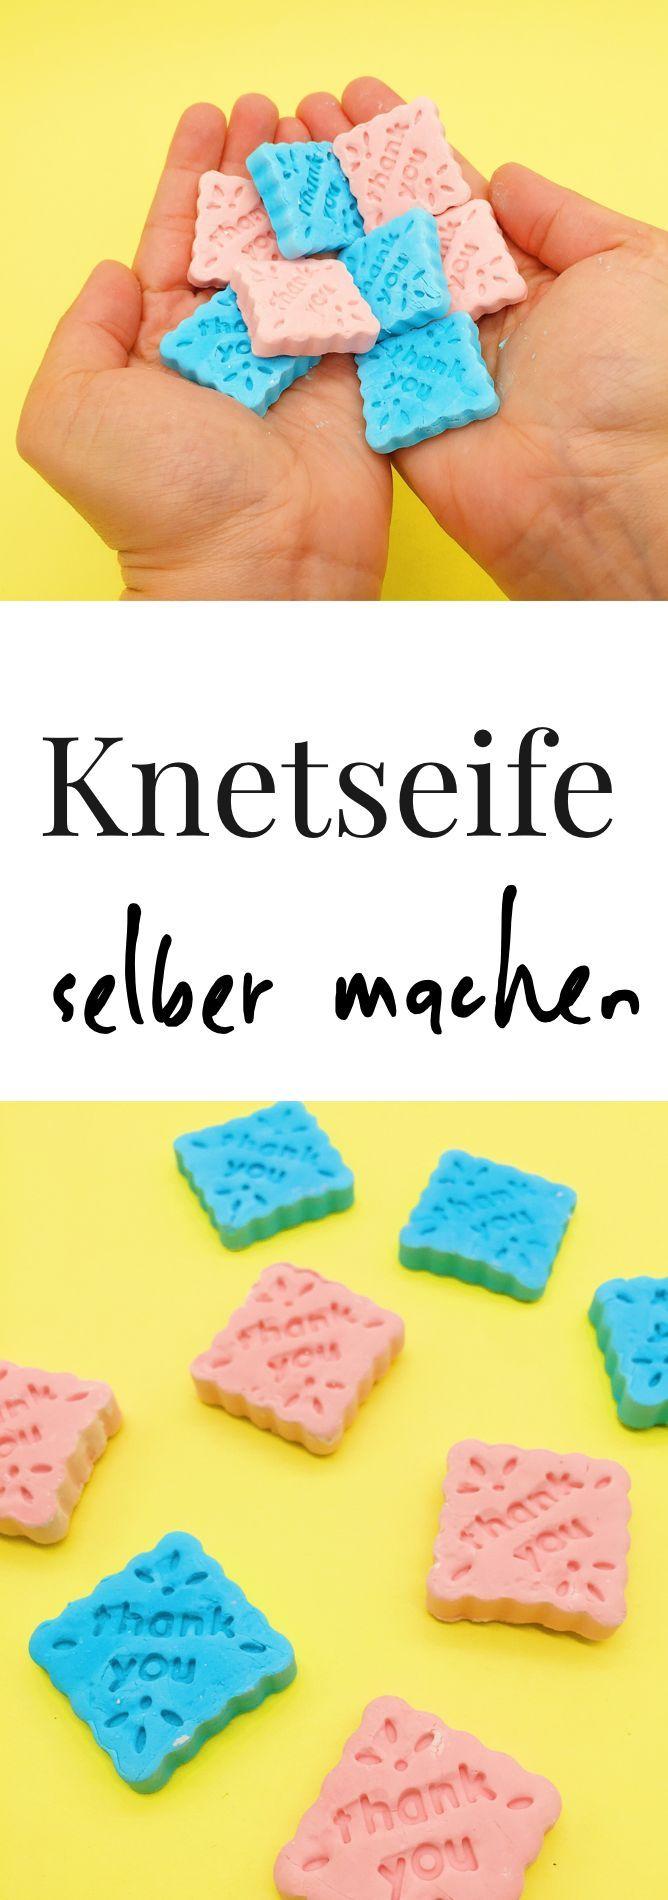 DIY Knetseife selber machen: schöne DIY Geschenke für Kinder und Erwachsene. Bastelideen für Kinder. Einfache DIY Anleitung mit Video zum nach basteln.